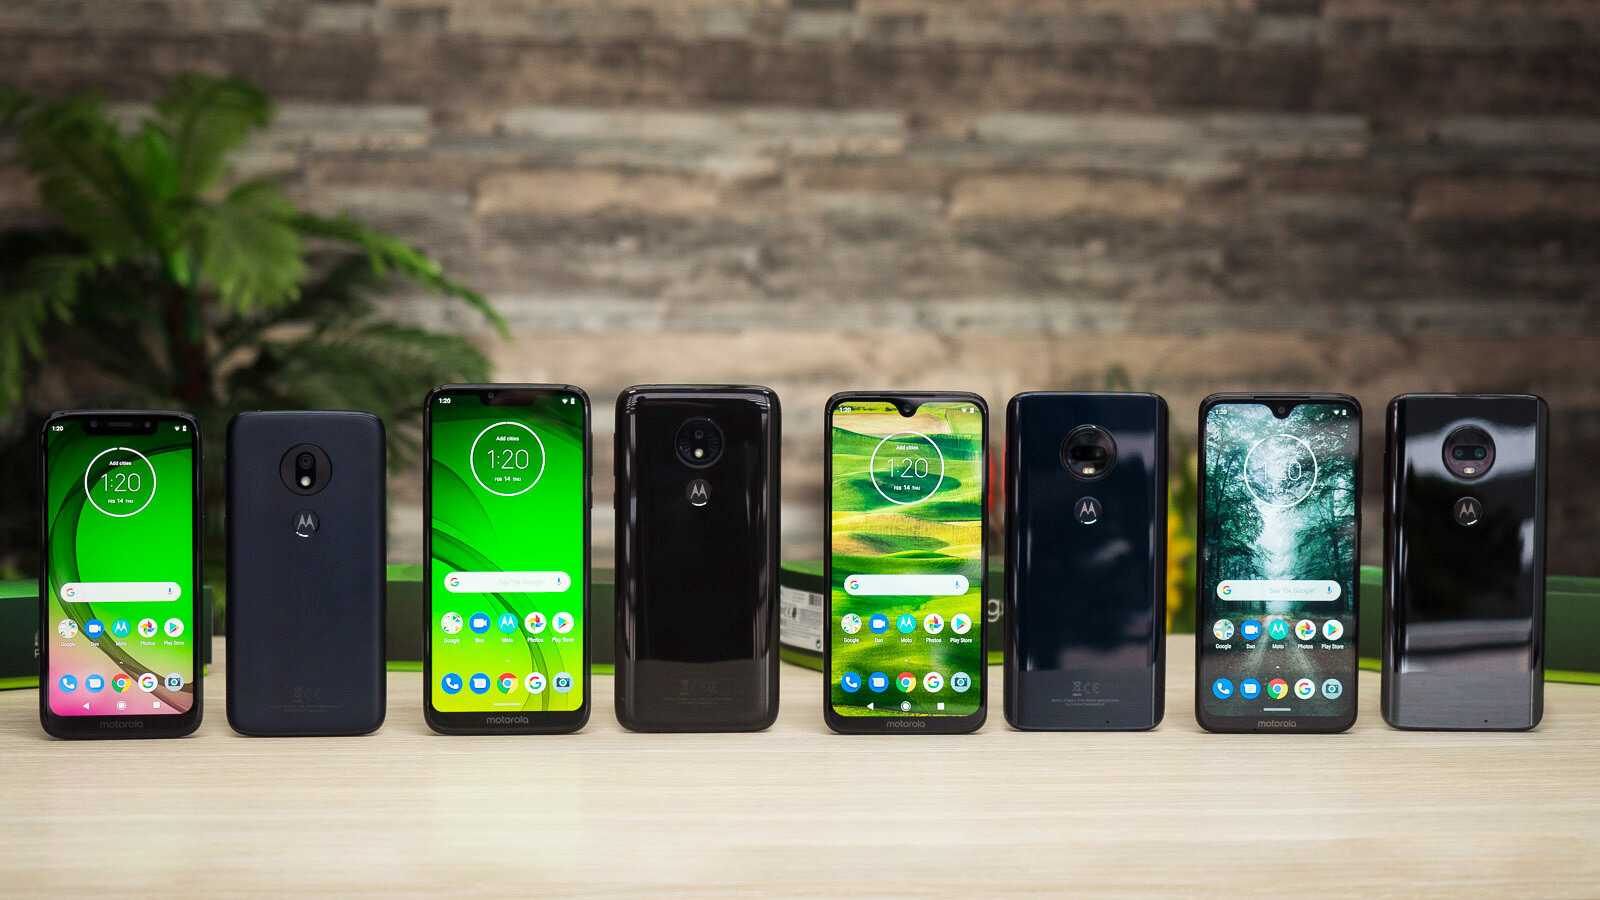 Moto G7 Plus vs Moto G7 vs Moto G7 Power vs G7 Play: battery